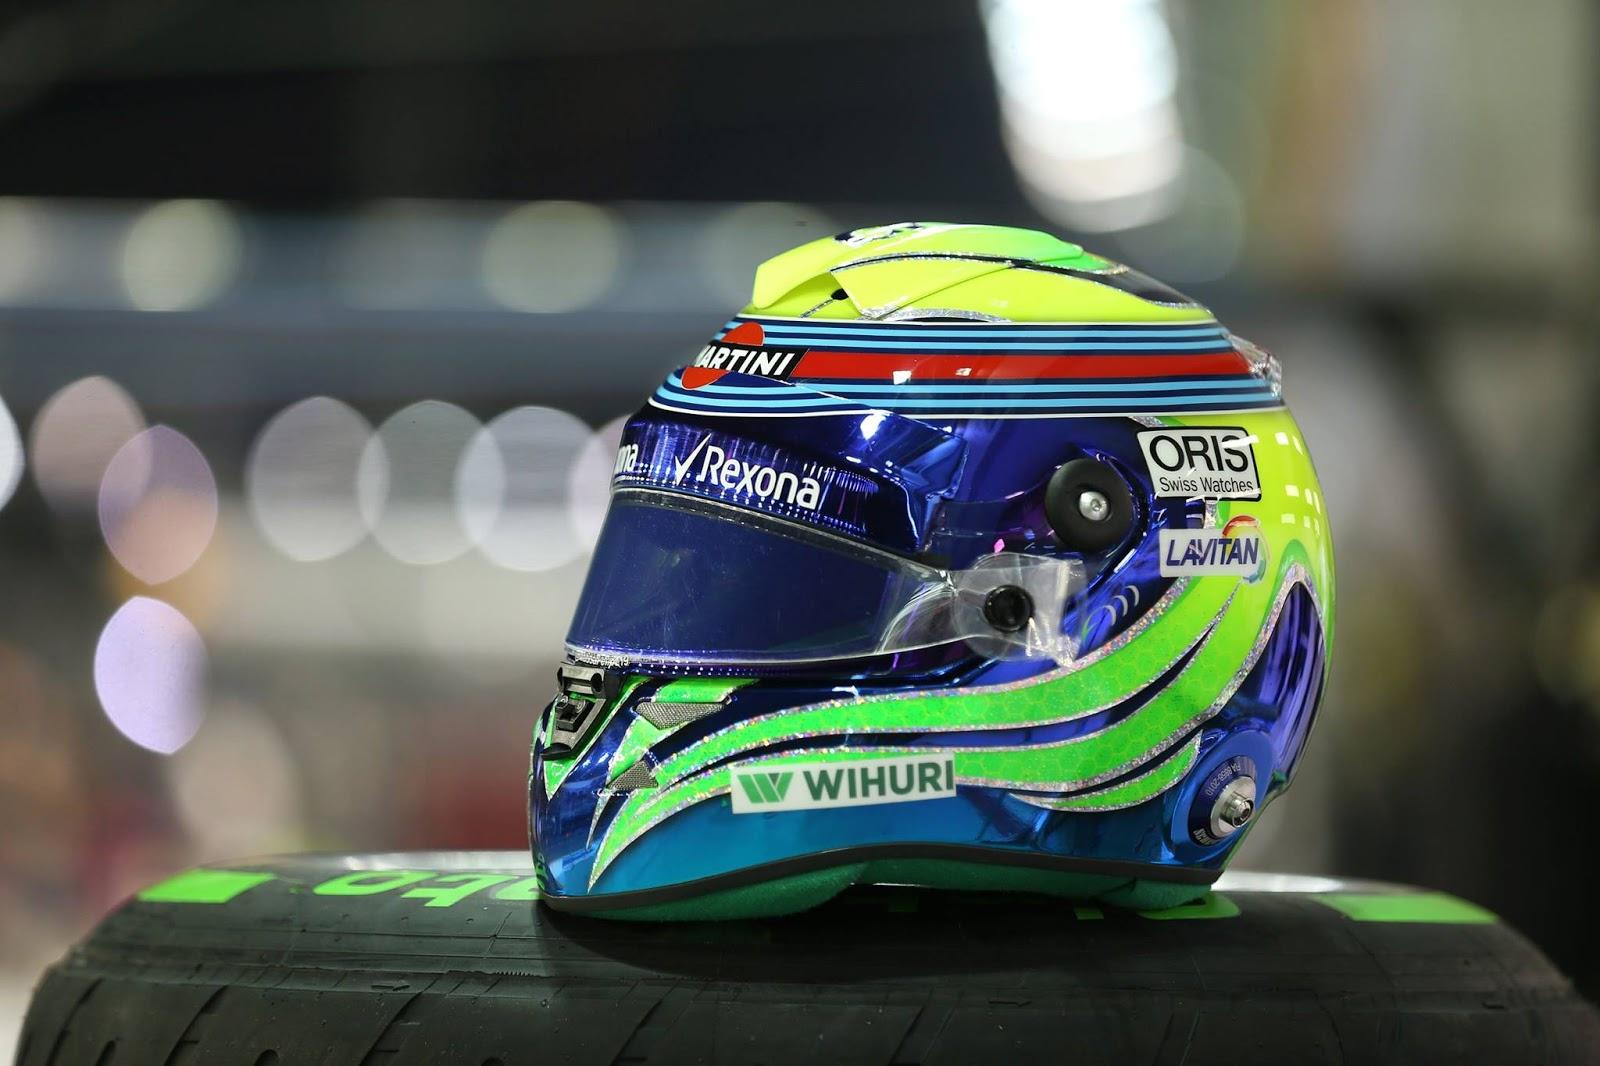 出典:http://racinghelmetsgarage.blogspot.com/